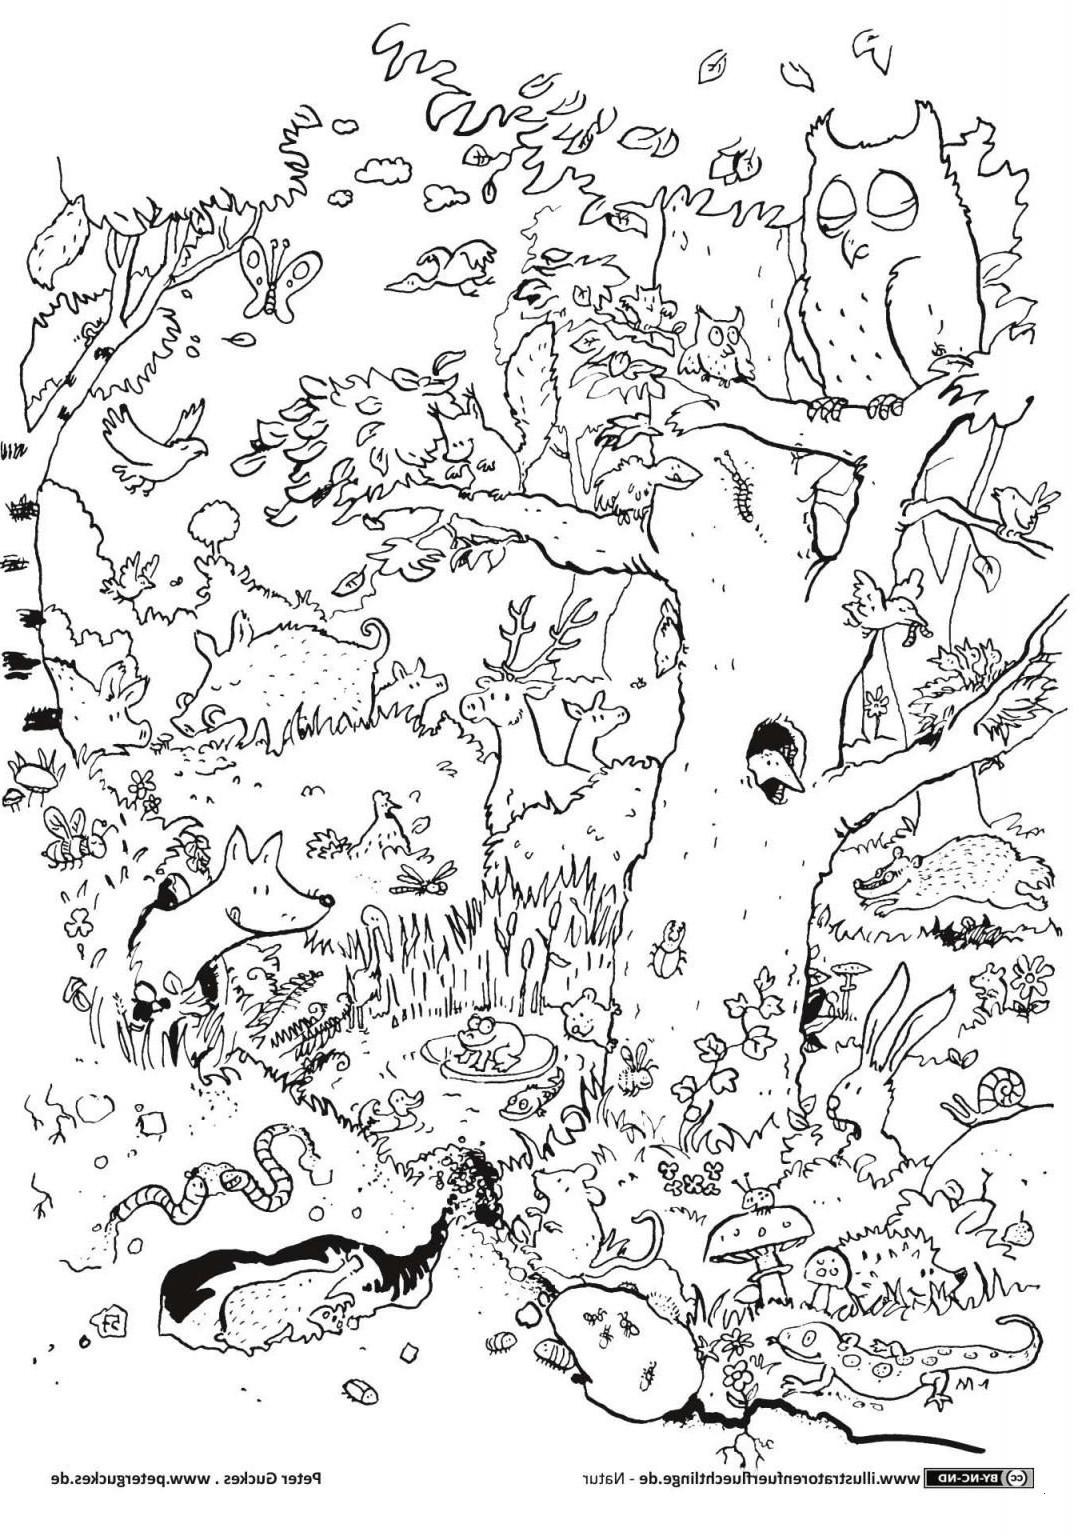 Ausmalbilder Ostereier Kostenlos Neu 43 Frisch Ausmalbilder Osterei – Große Coloring Page Sammlung Stock